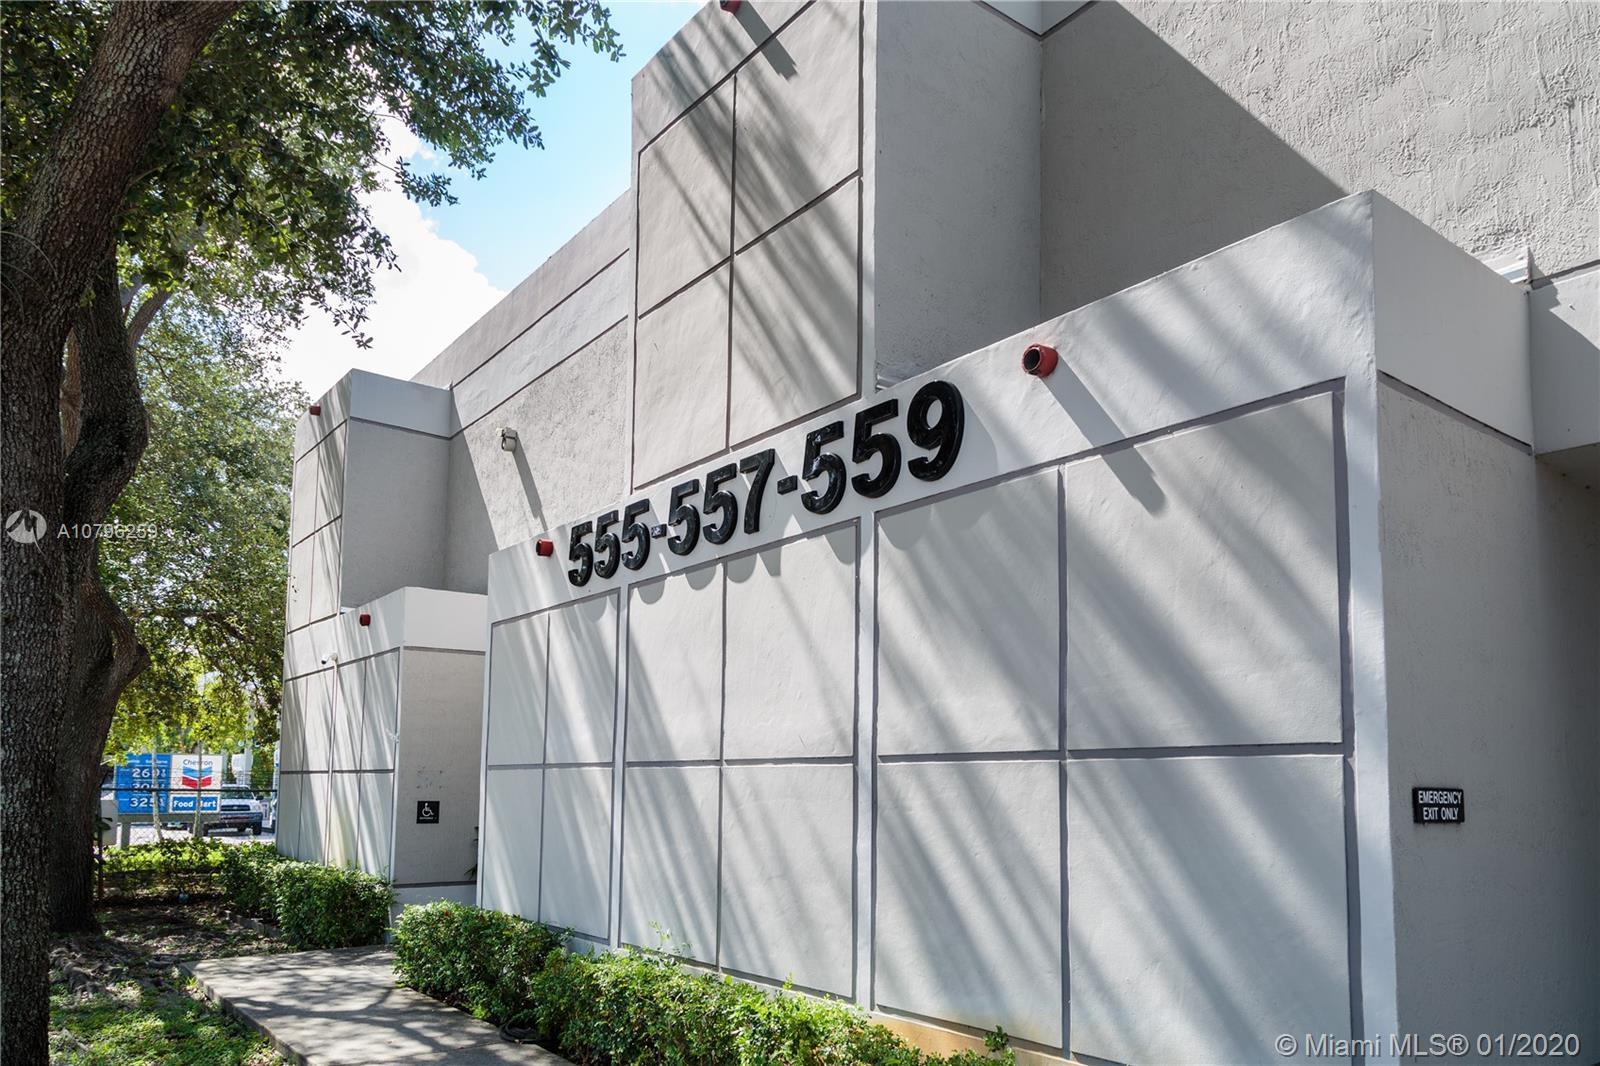 555 NW 95th St, Miami, FL 33150